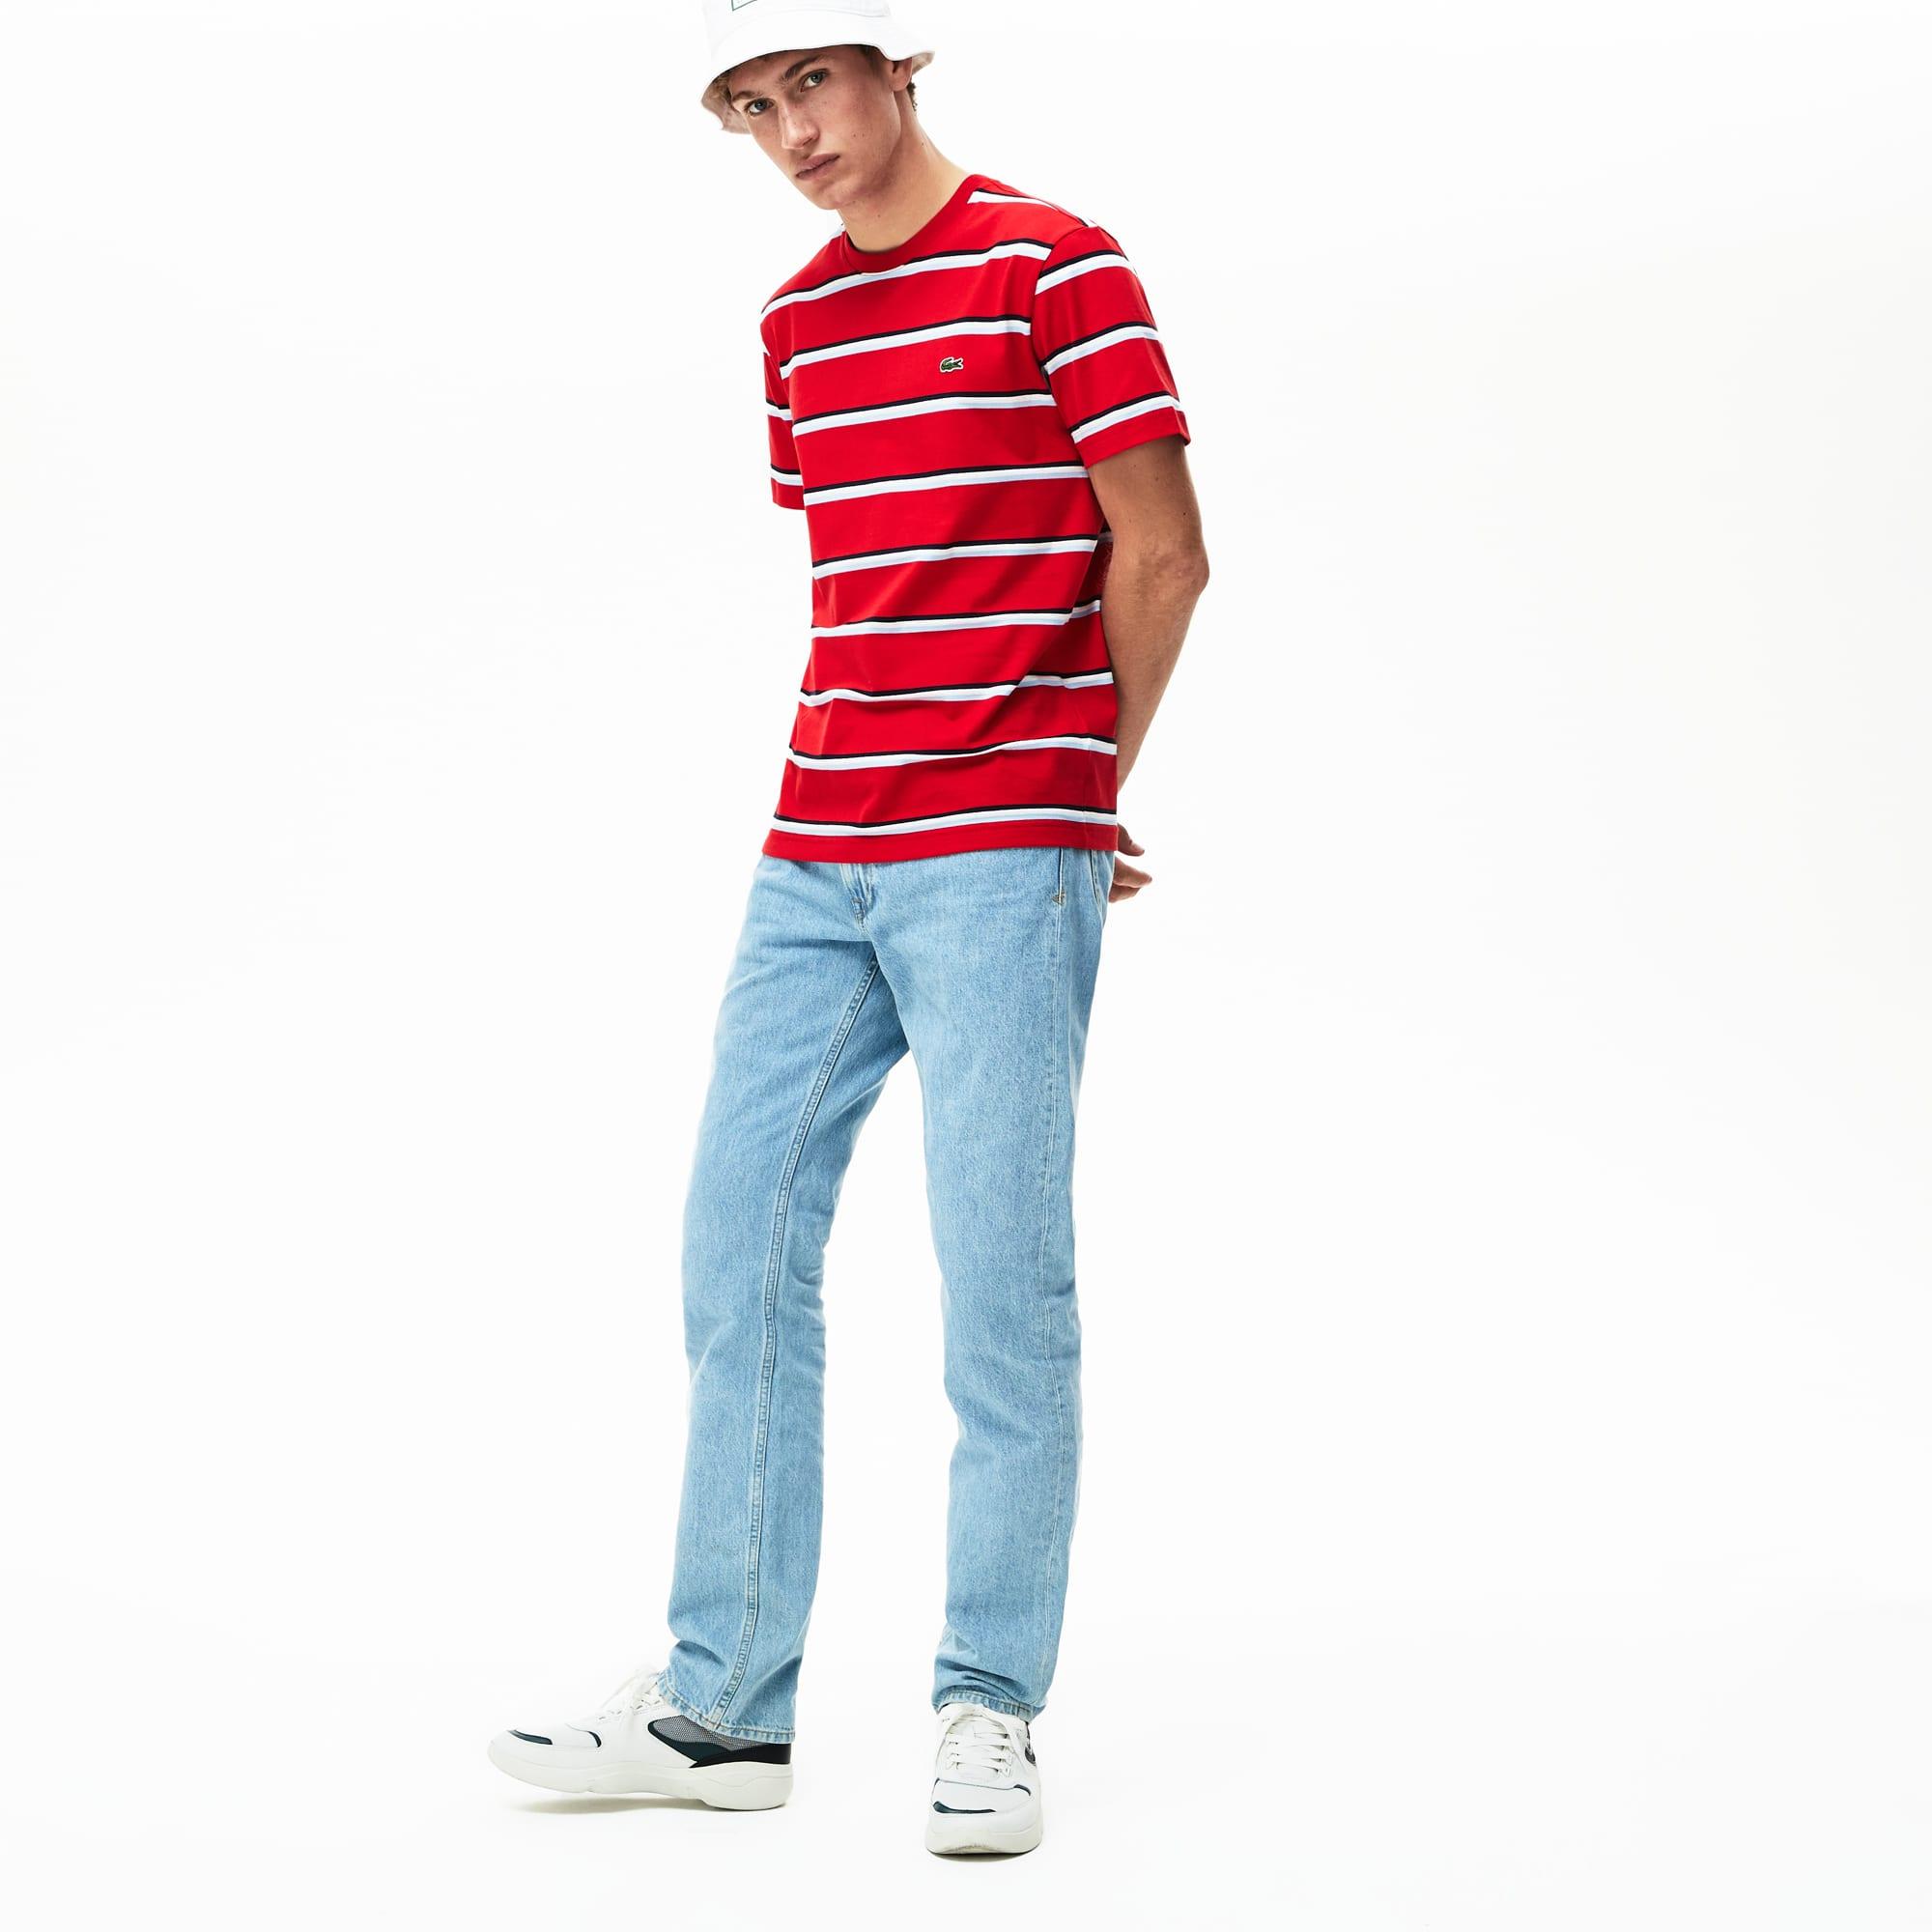 206e353fb0ba Men s T Shirts